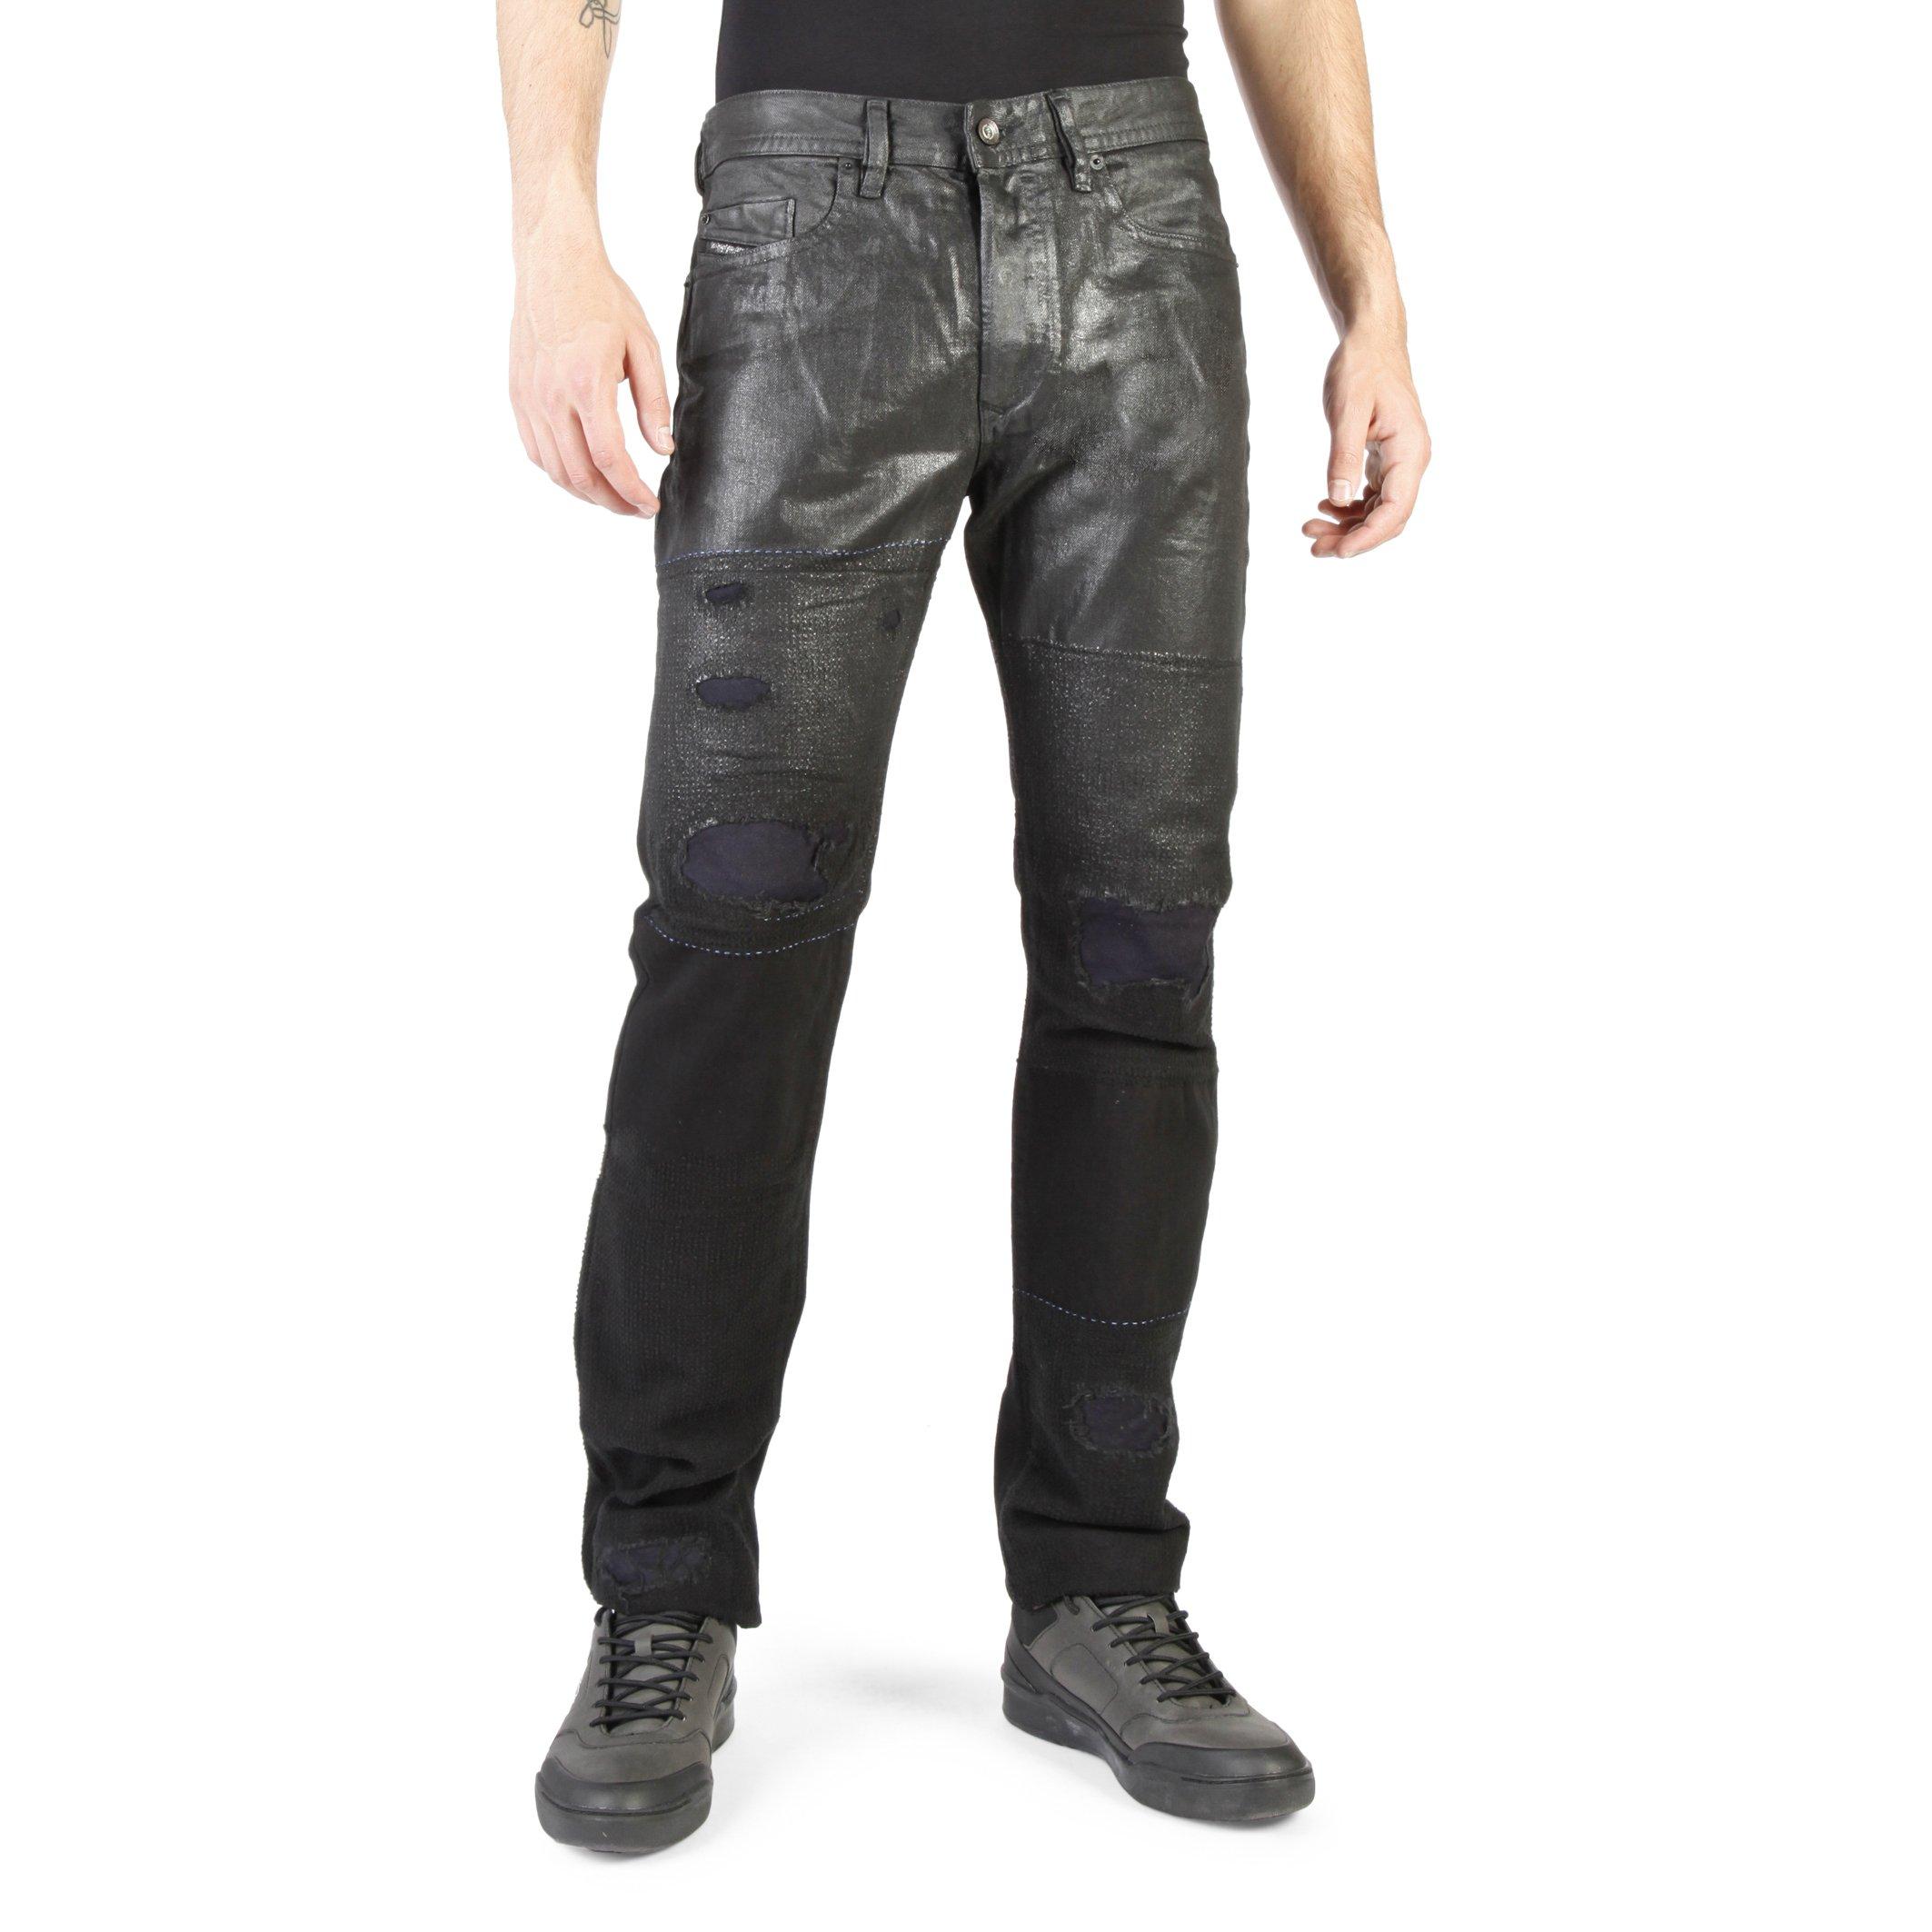 Diesel Men's Jeans Various Colours BUSTER_L32_00SDHB - black-1 29